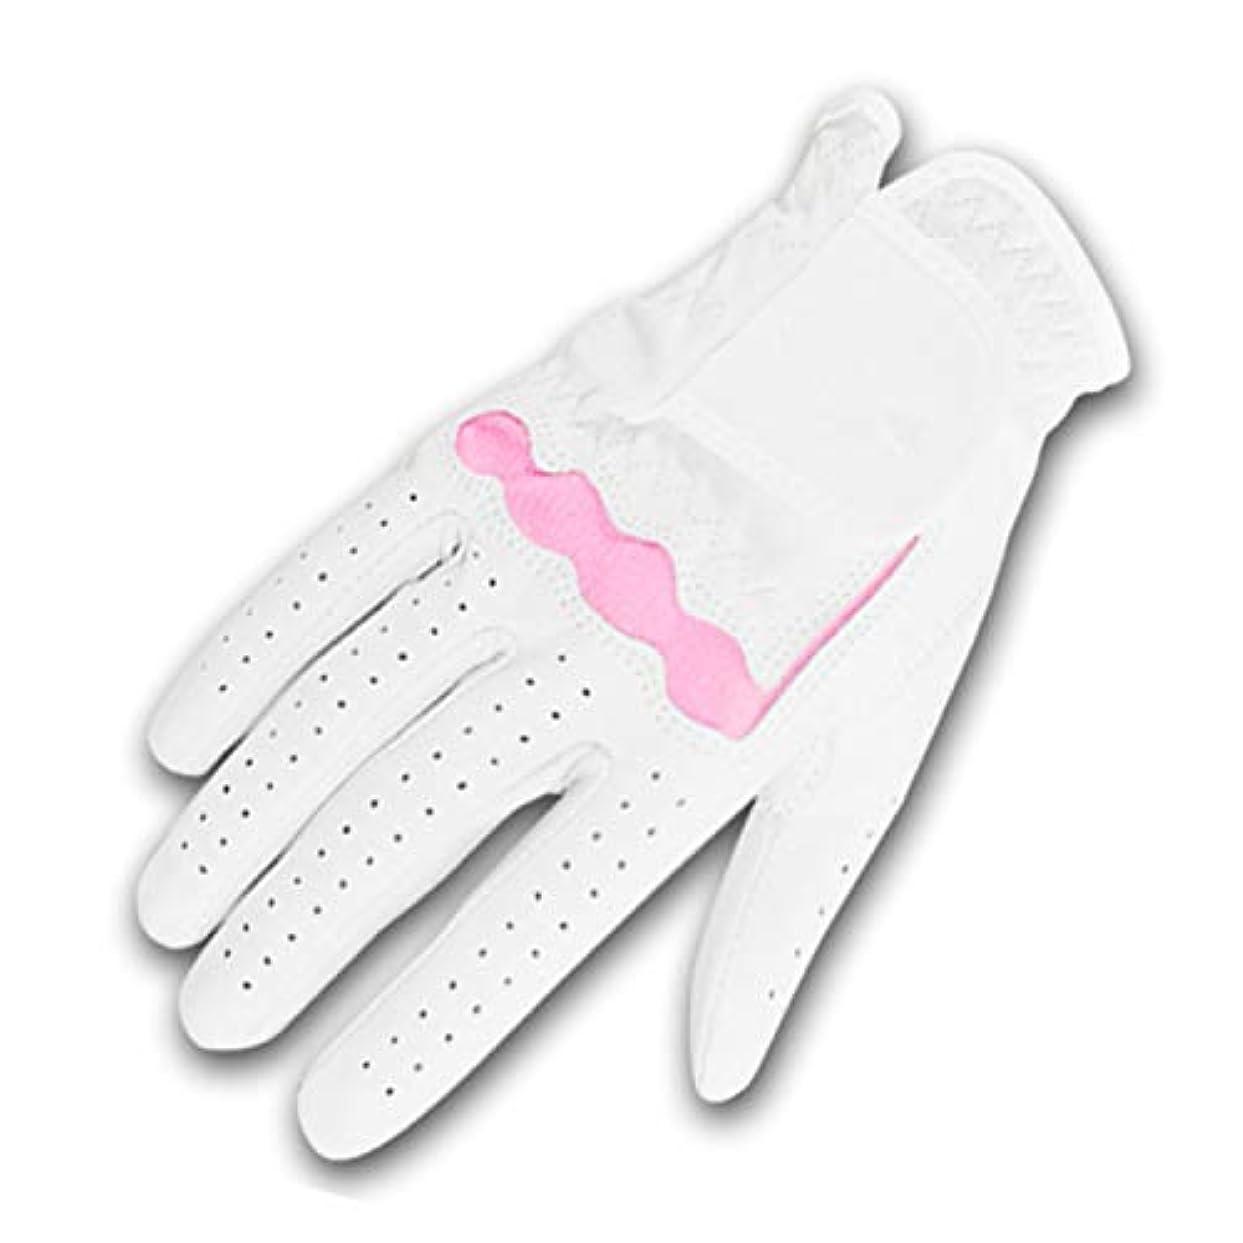 悲鳴部分気体のBAJIMI 手袋 グローブ レディース/メンズ ハンド ケア 女性用ゴルフグローブ滑り止めグローブで手を保護 裏起毛 おしゃれ 手触りが良い 運転 耐磨耗性 換気性